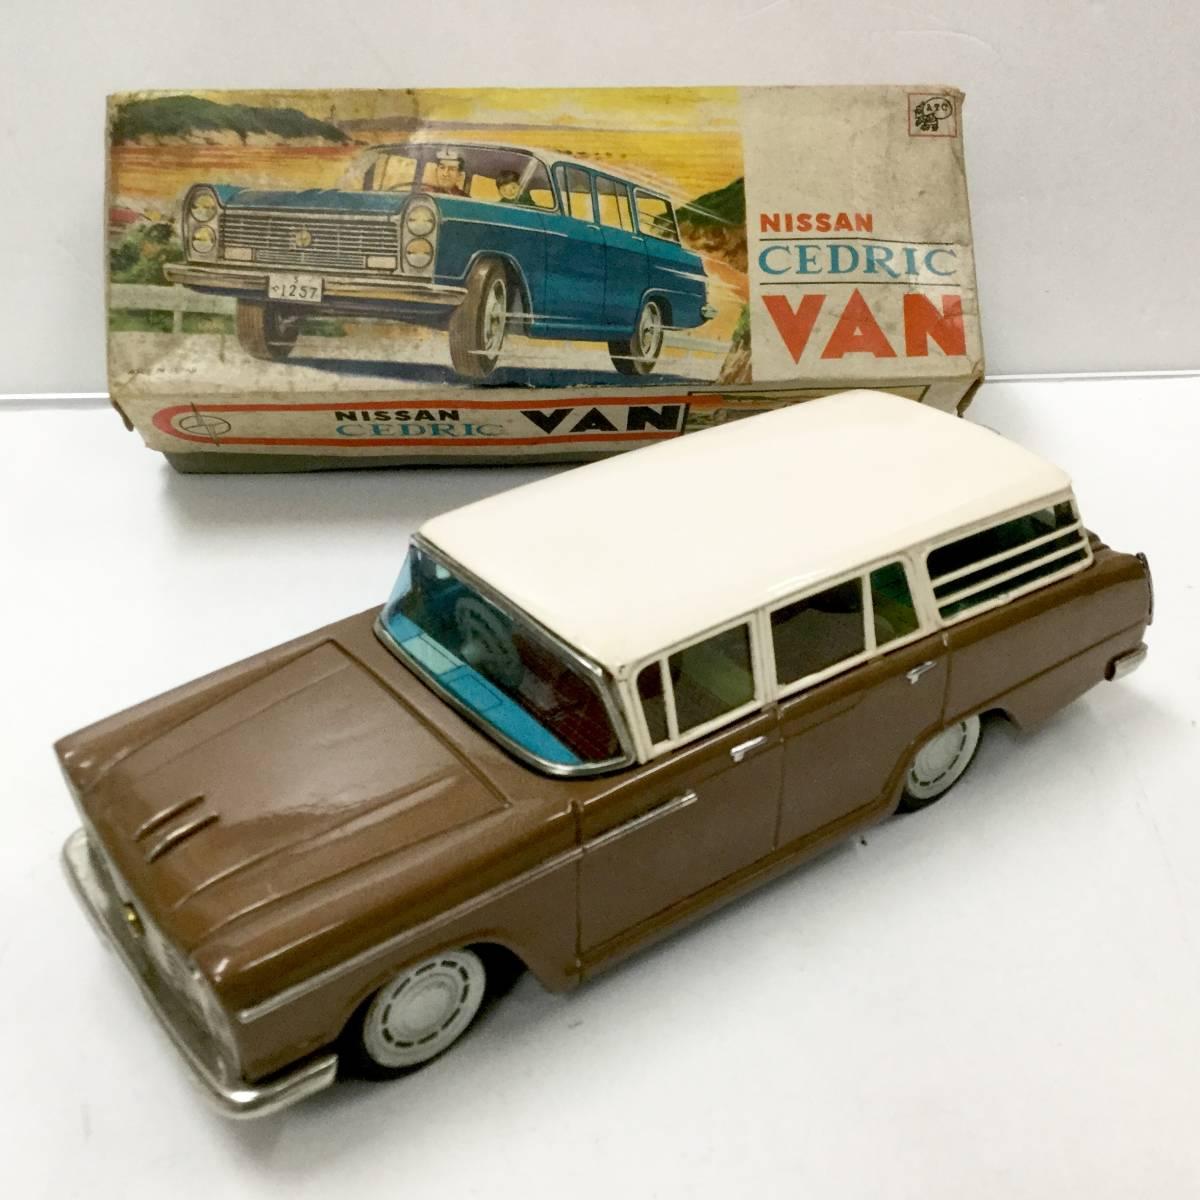 セドリック バン ブリキ玩具 アサヒ玩具 1960年代 当時もの レトロ ビンテージ 乗り物 日産 朝日玩具